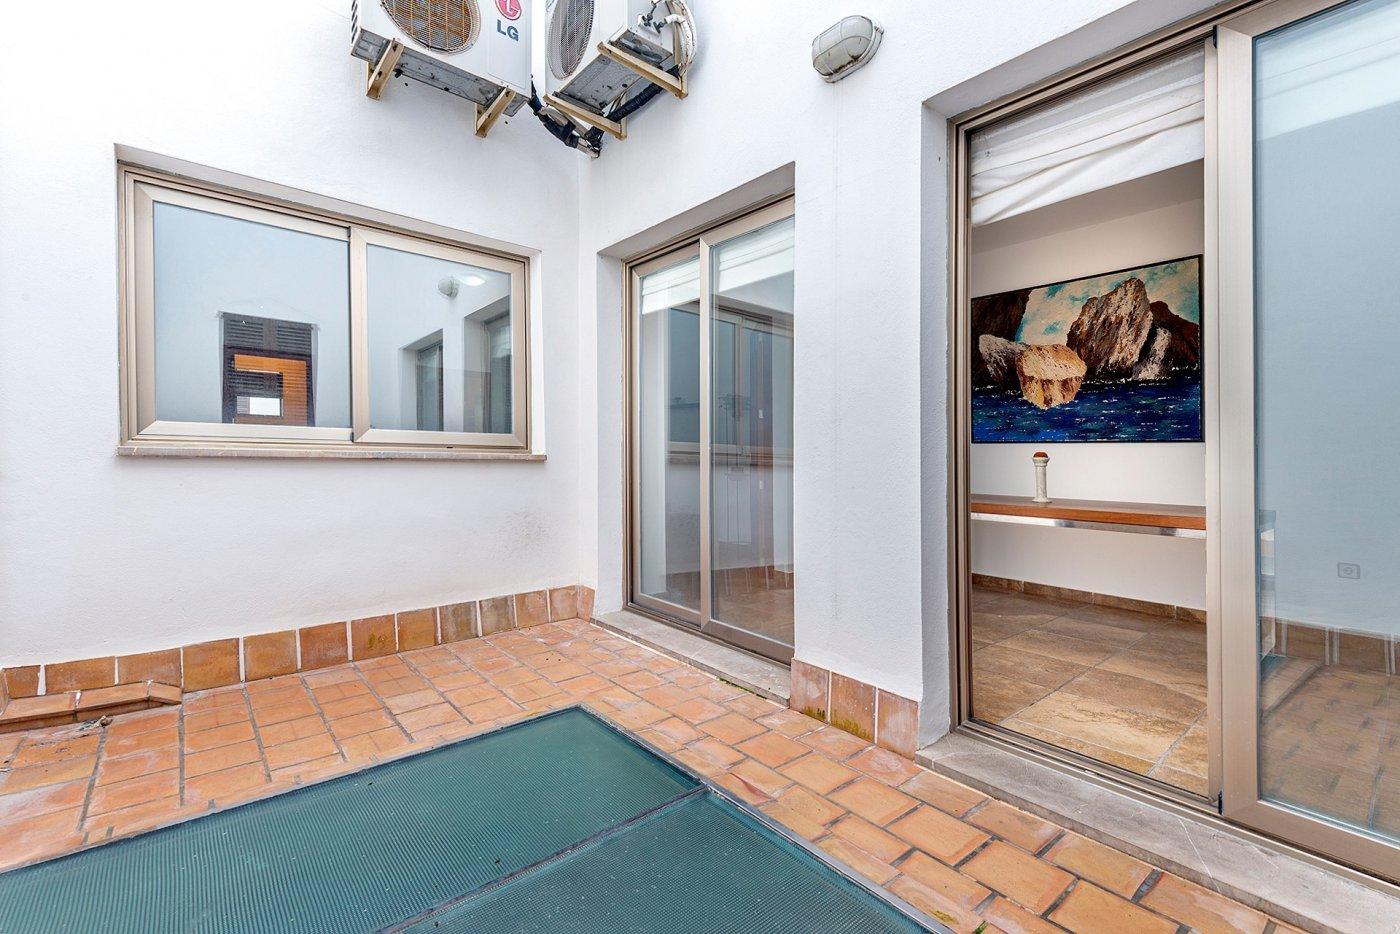 Gran vivienda totalmente reformada en pleno centro de manacor - imagenInmueble26